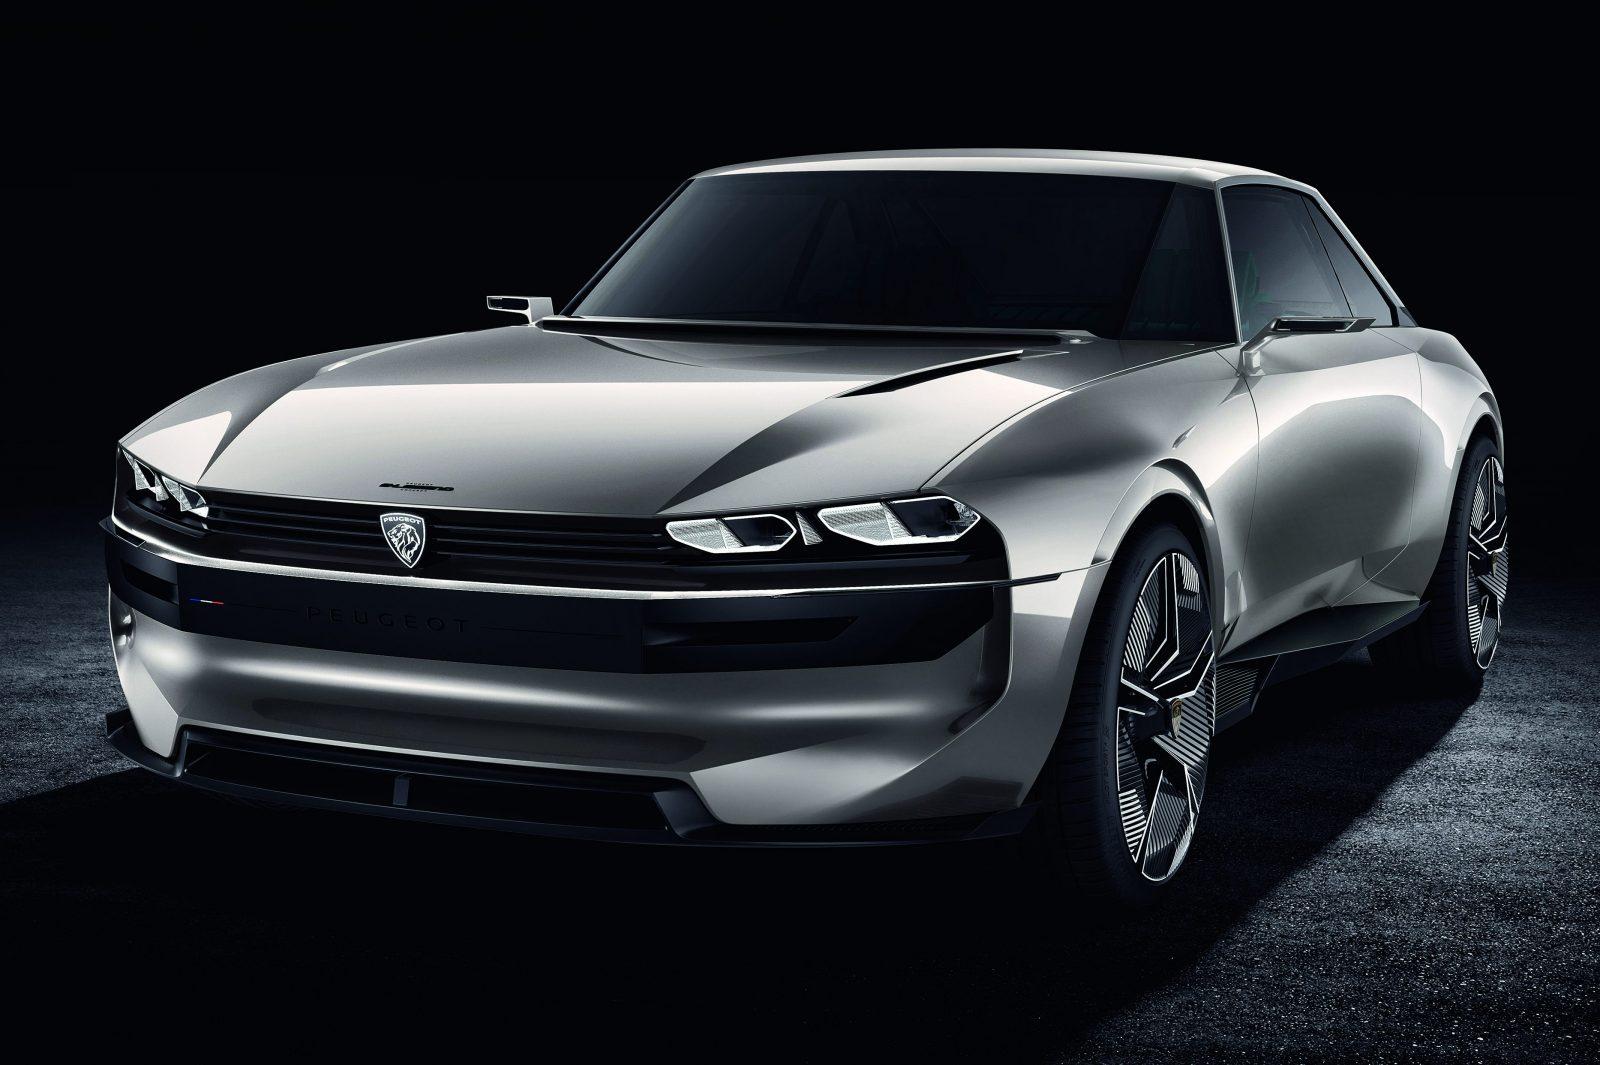 Peugeot e-Legend antecipa o salto tecnológico que os carros terão em breve